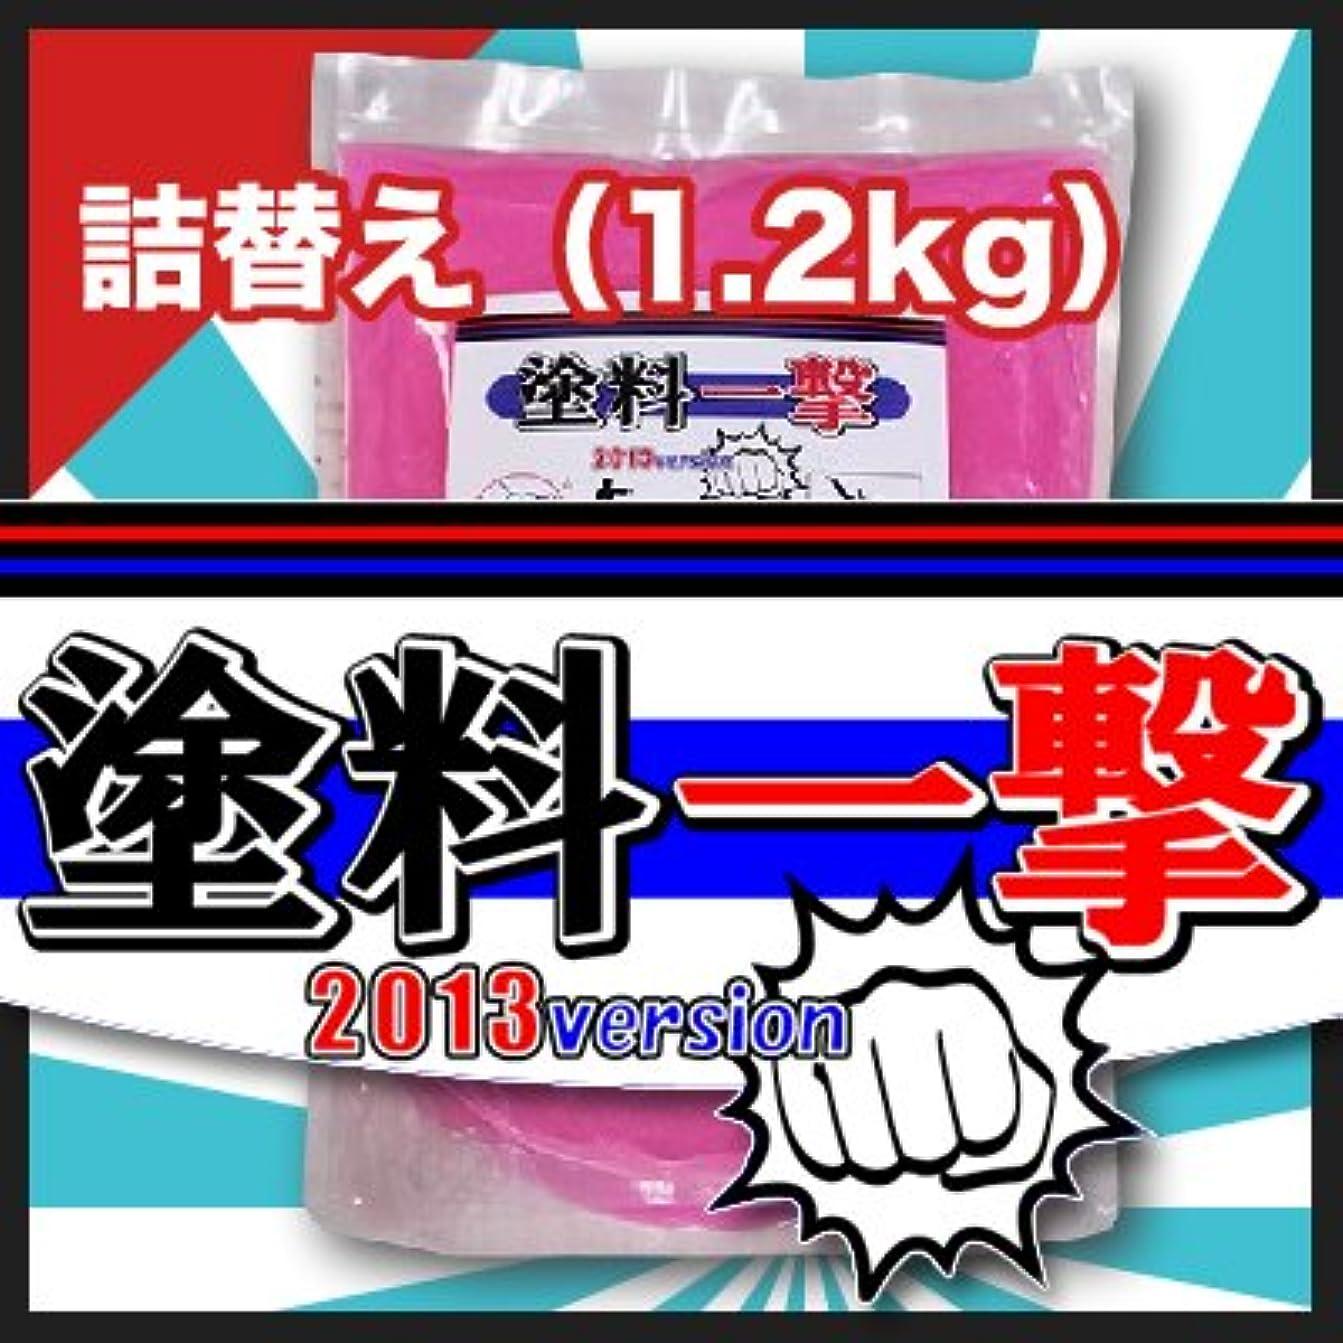 塊いっぱい収まるD.Iプランニング 塗料一撃 2013 Version 詰め替え (1.2kg)